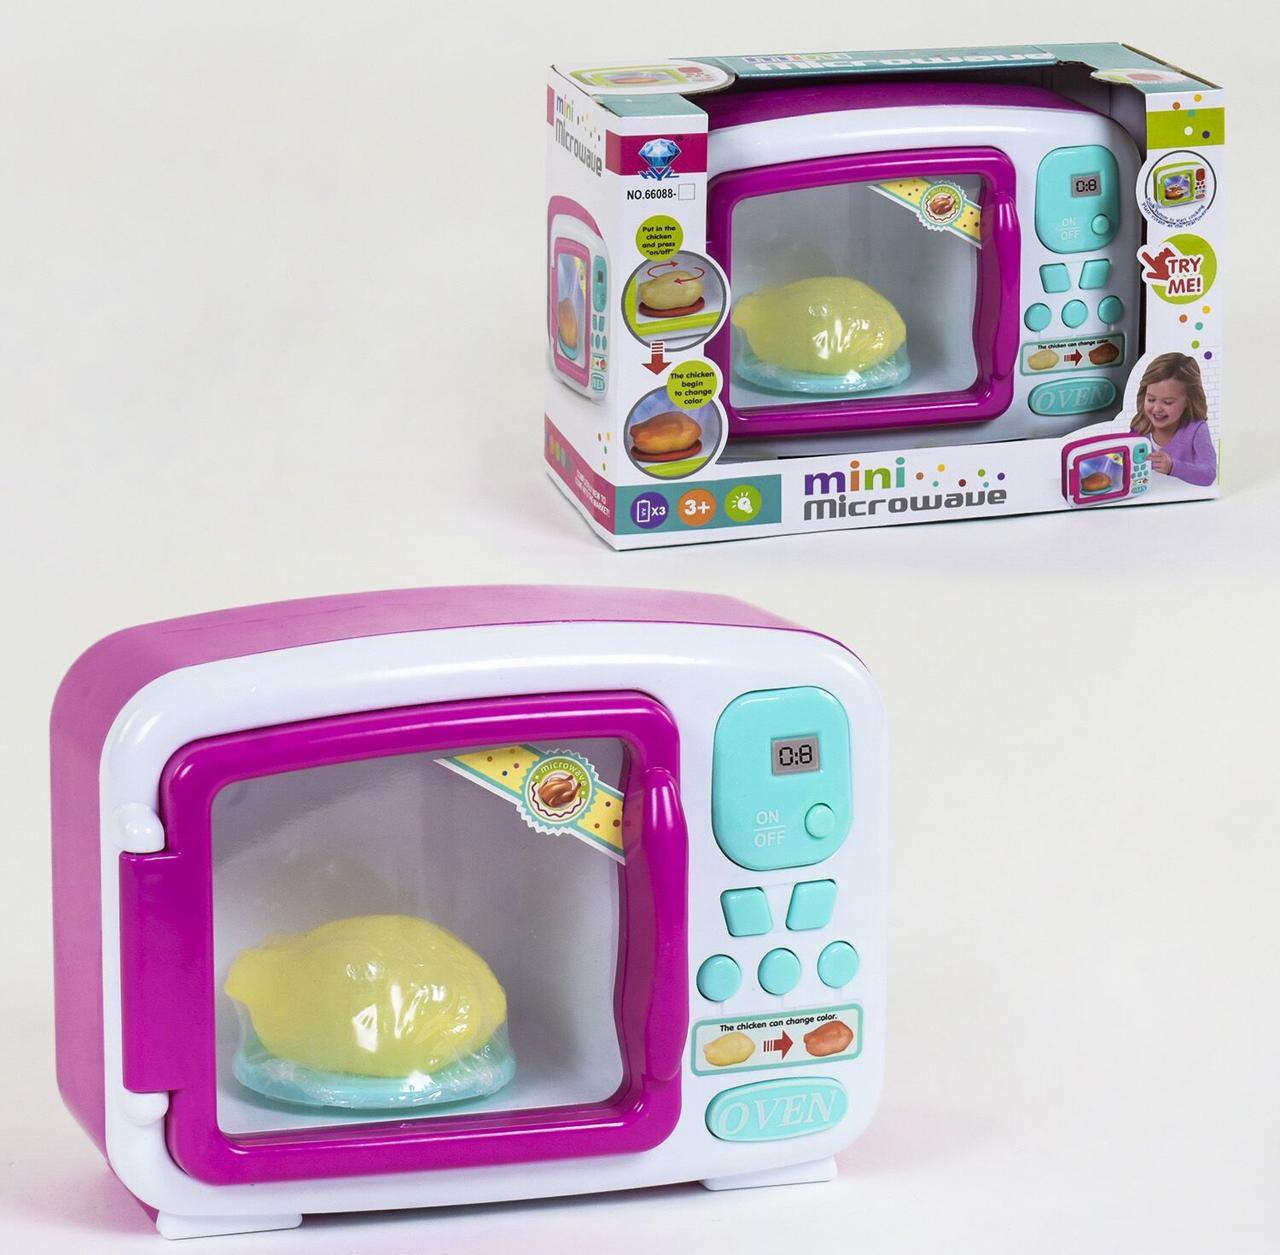 Игрушечная микроволновая печь для ребенка 66088, со звуковыми и световыми эффектами